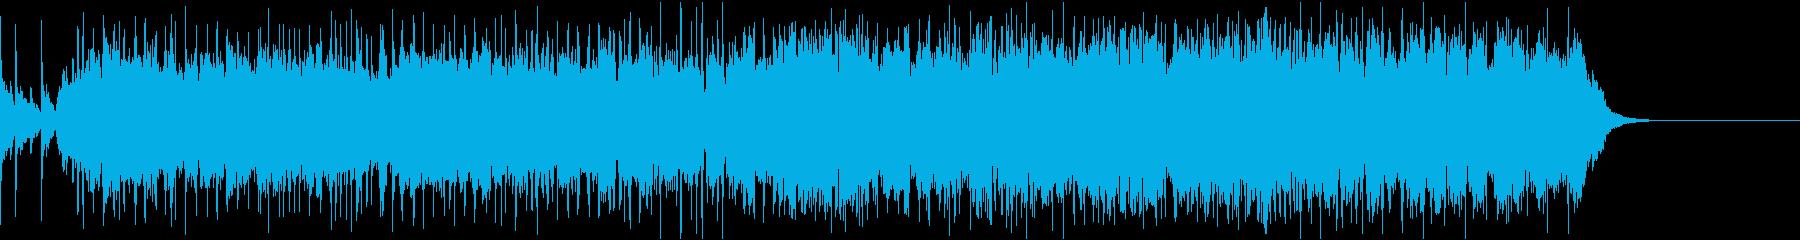 ハードなギターリフとドラムによるBGMの再生済みの波形